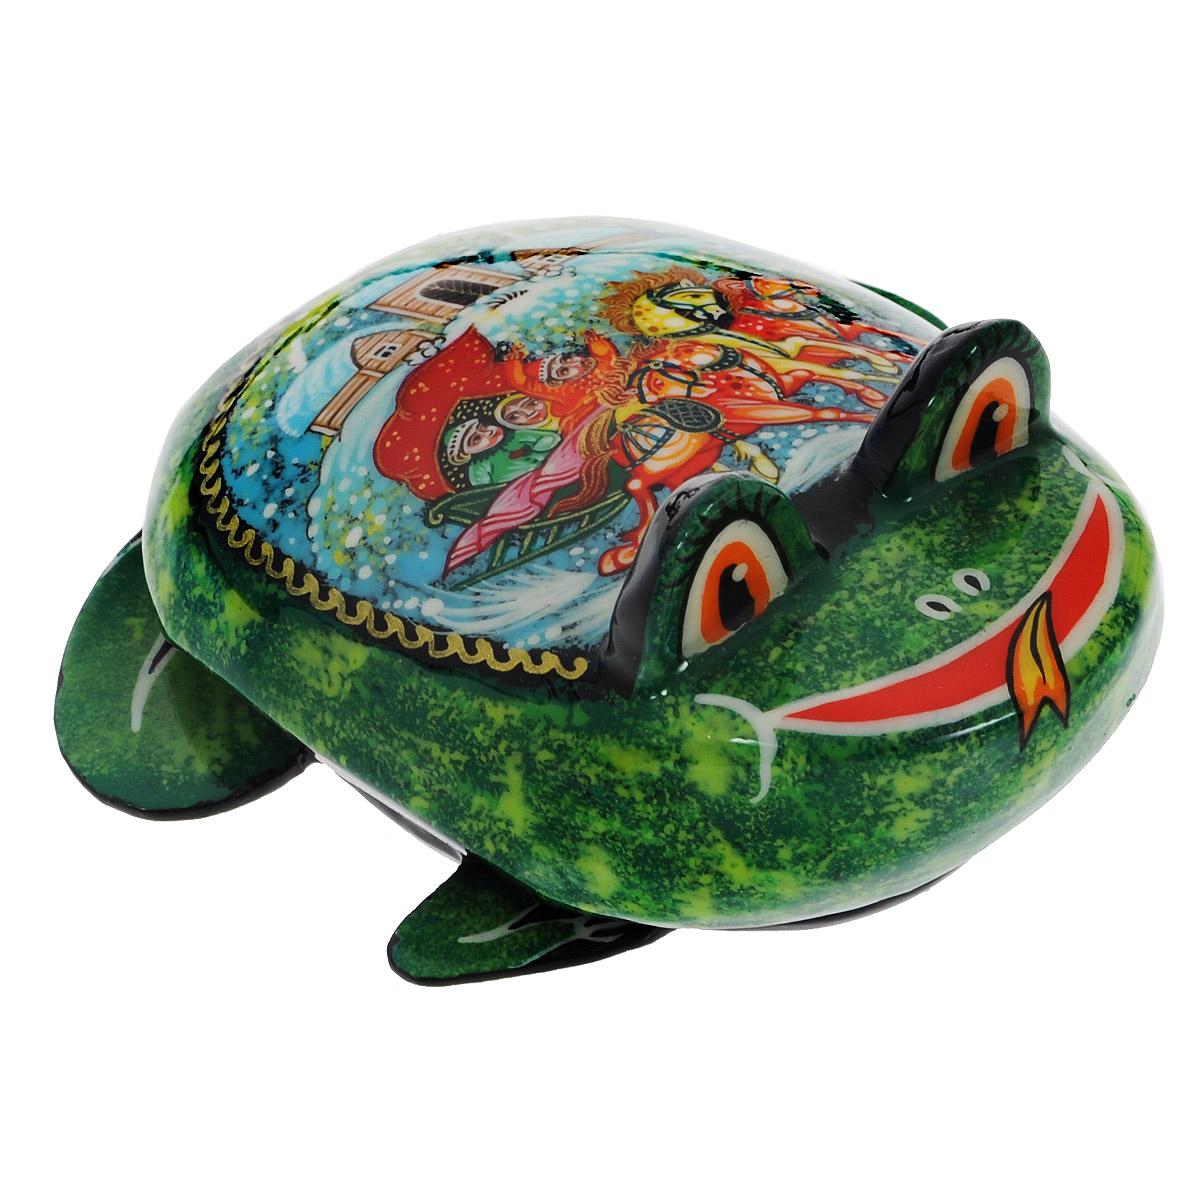 Лаковая миниатюра-шкатулка Палех Лягушка, цвет: зеленый, 5 см. Ручная работа миниатюра два сердца пронзенные стрелой цвет серебристый 6 5 см